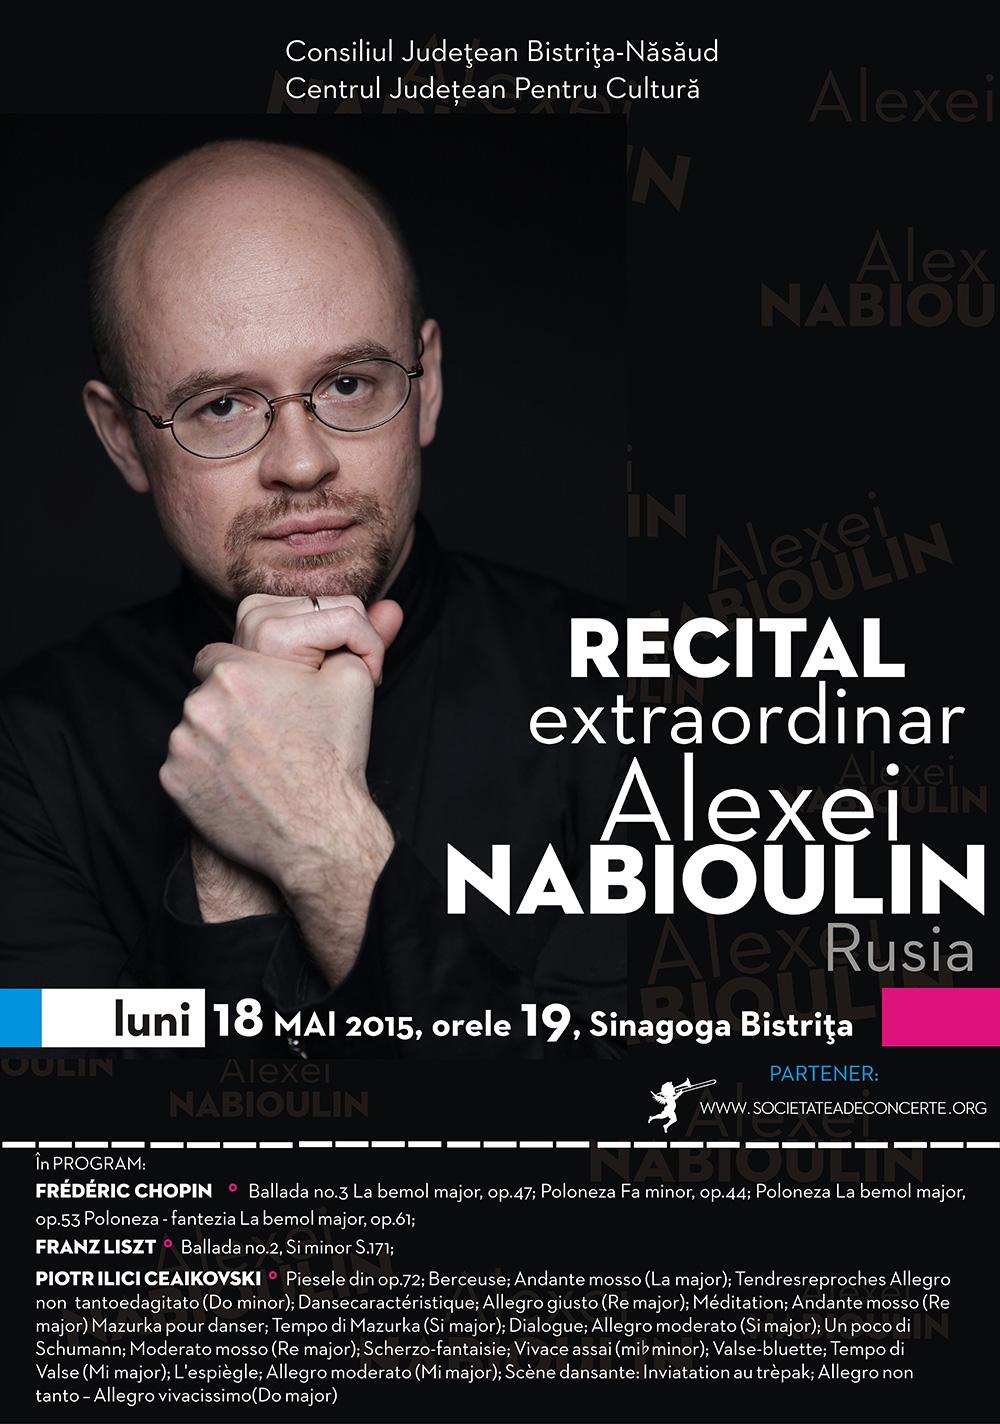 poster-recital-alexei-nabioulin